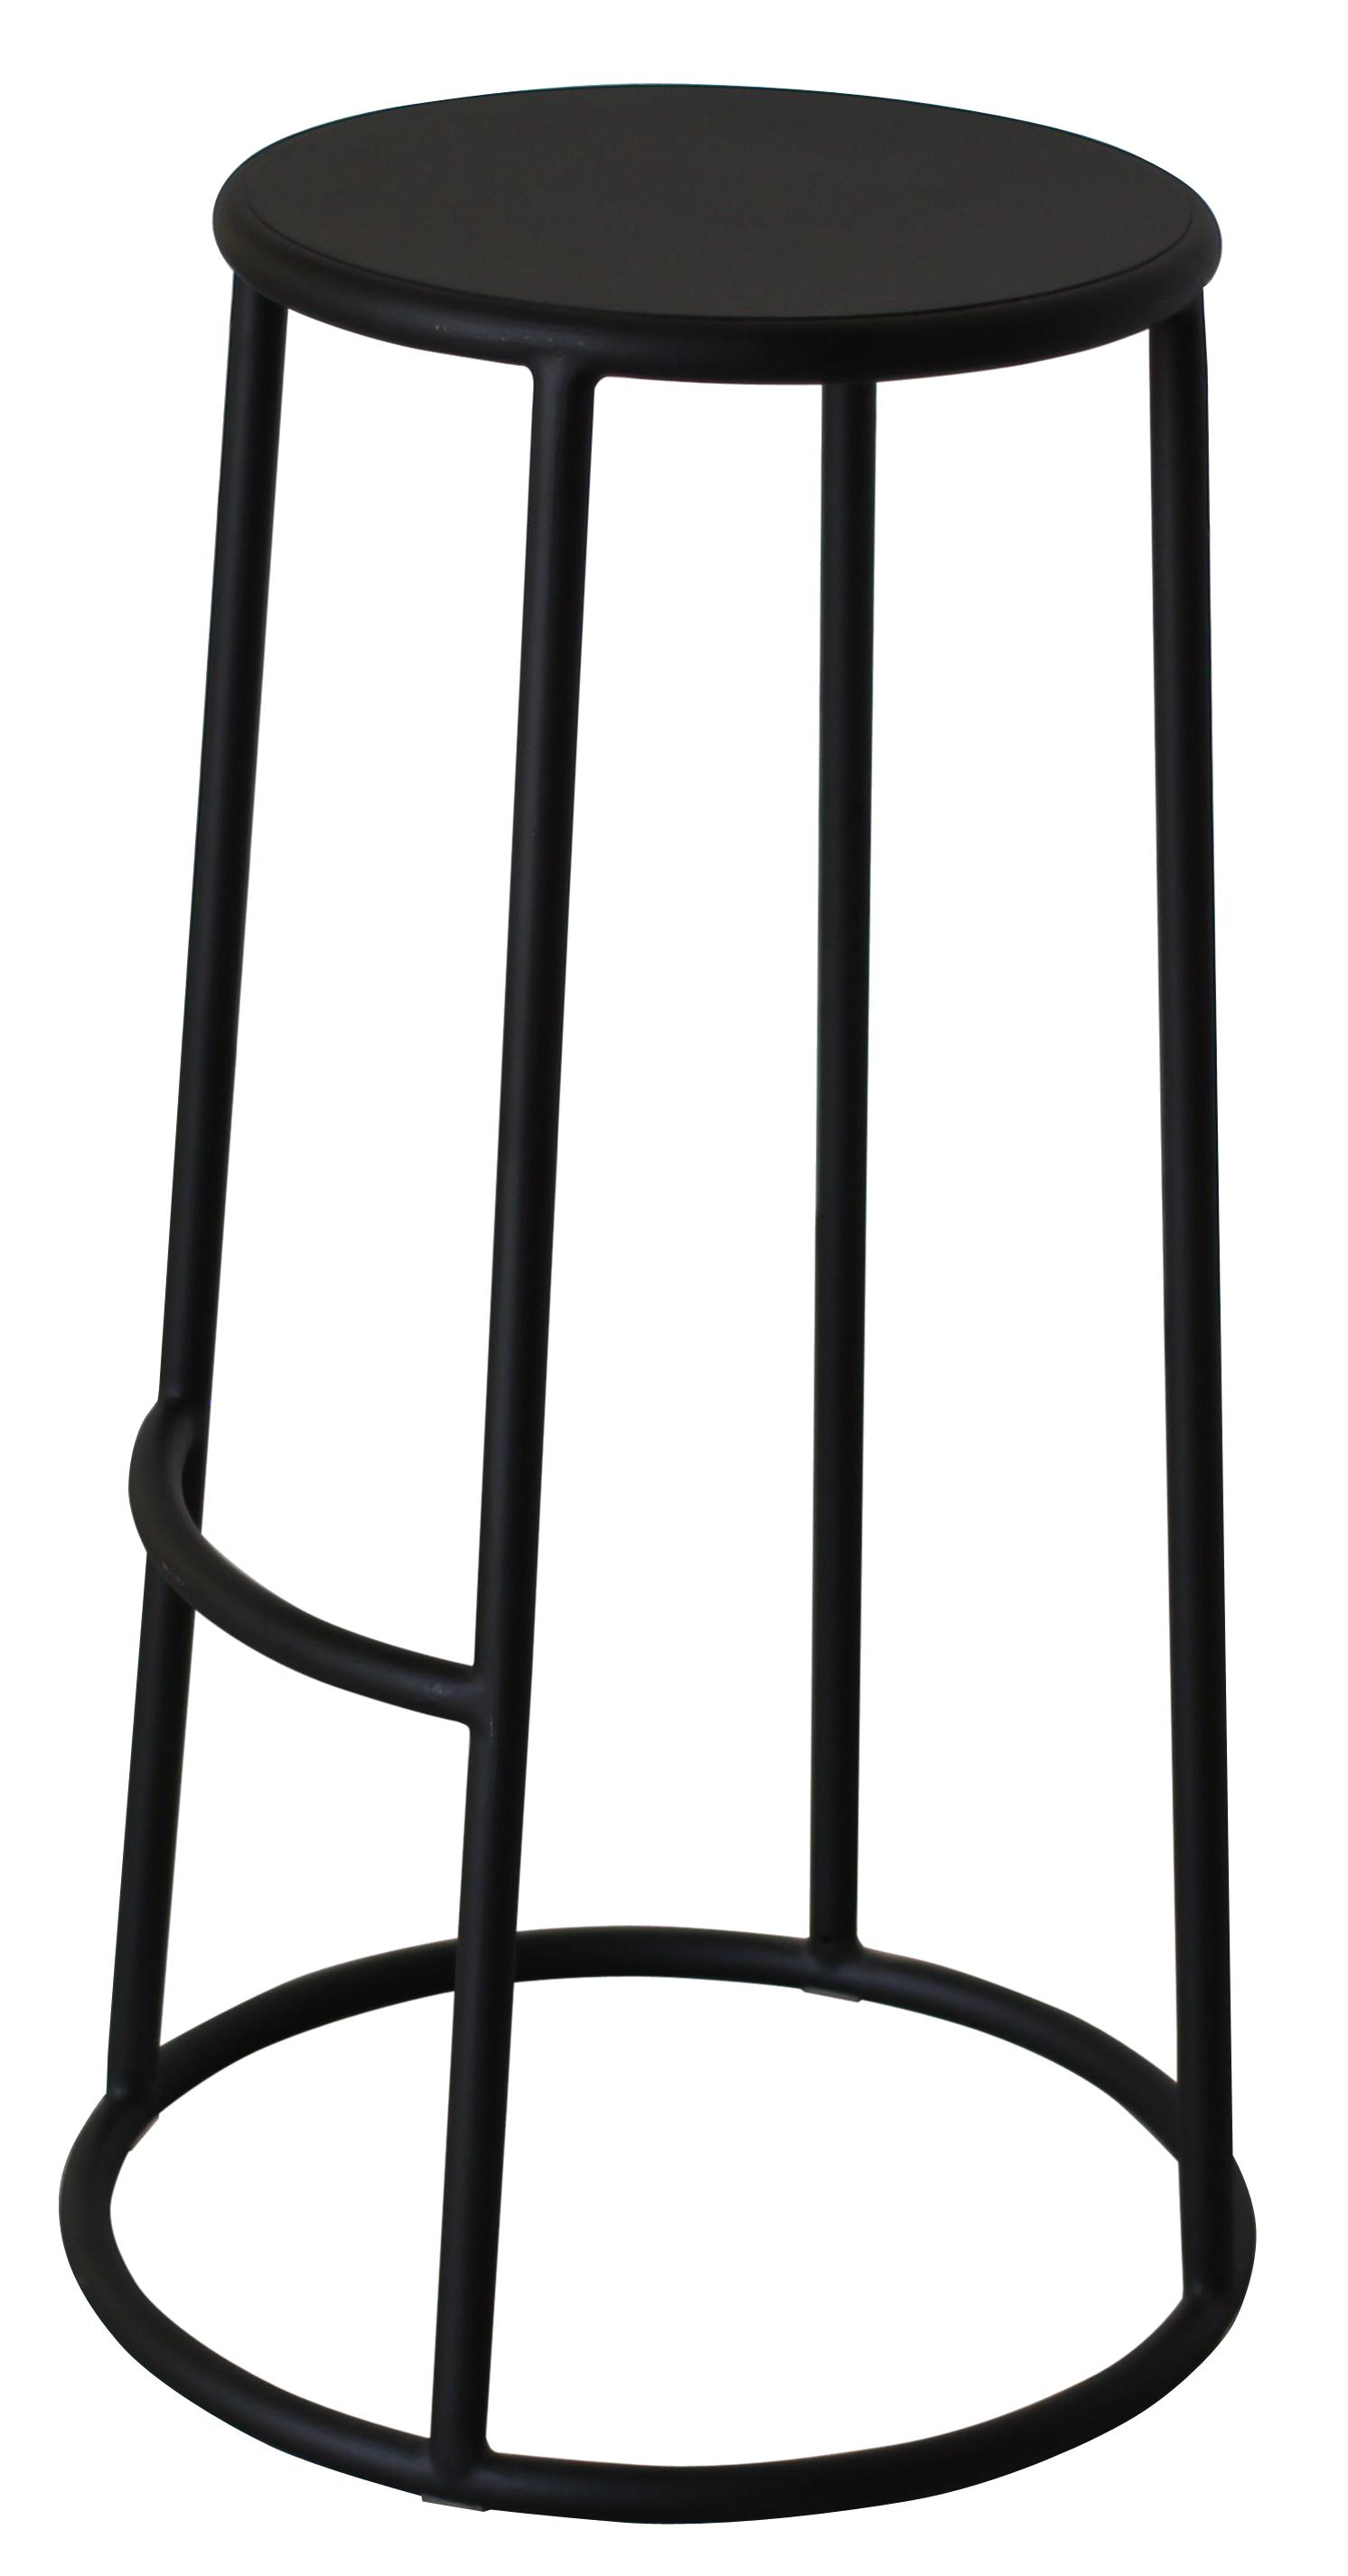 Papa branche tabouret de bar pisco tabouret de bar noir mat minimaliste - Meuble plexiglas transparent ...